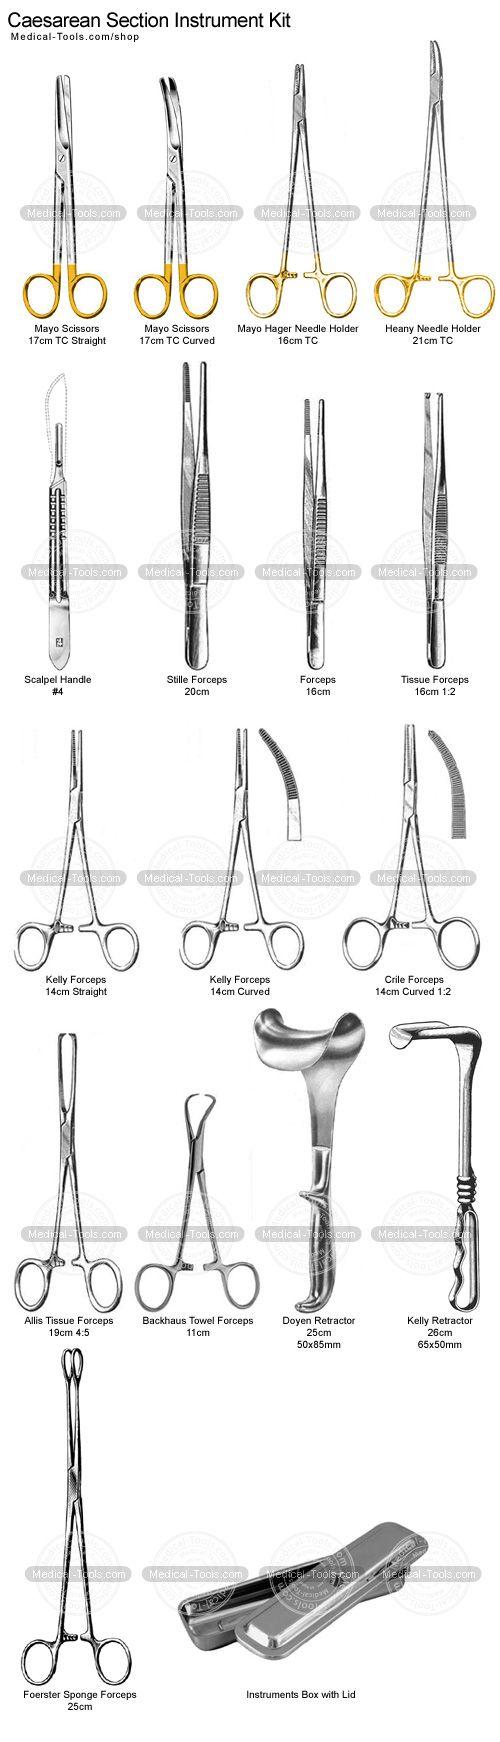 Cesarean Section Instrument Kit